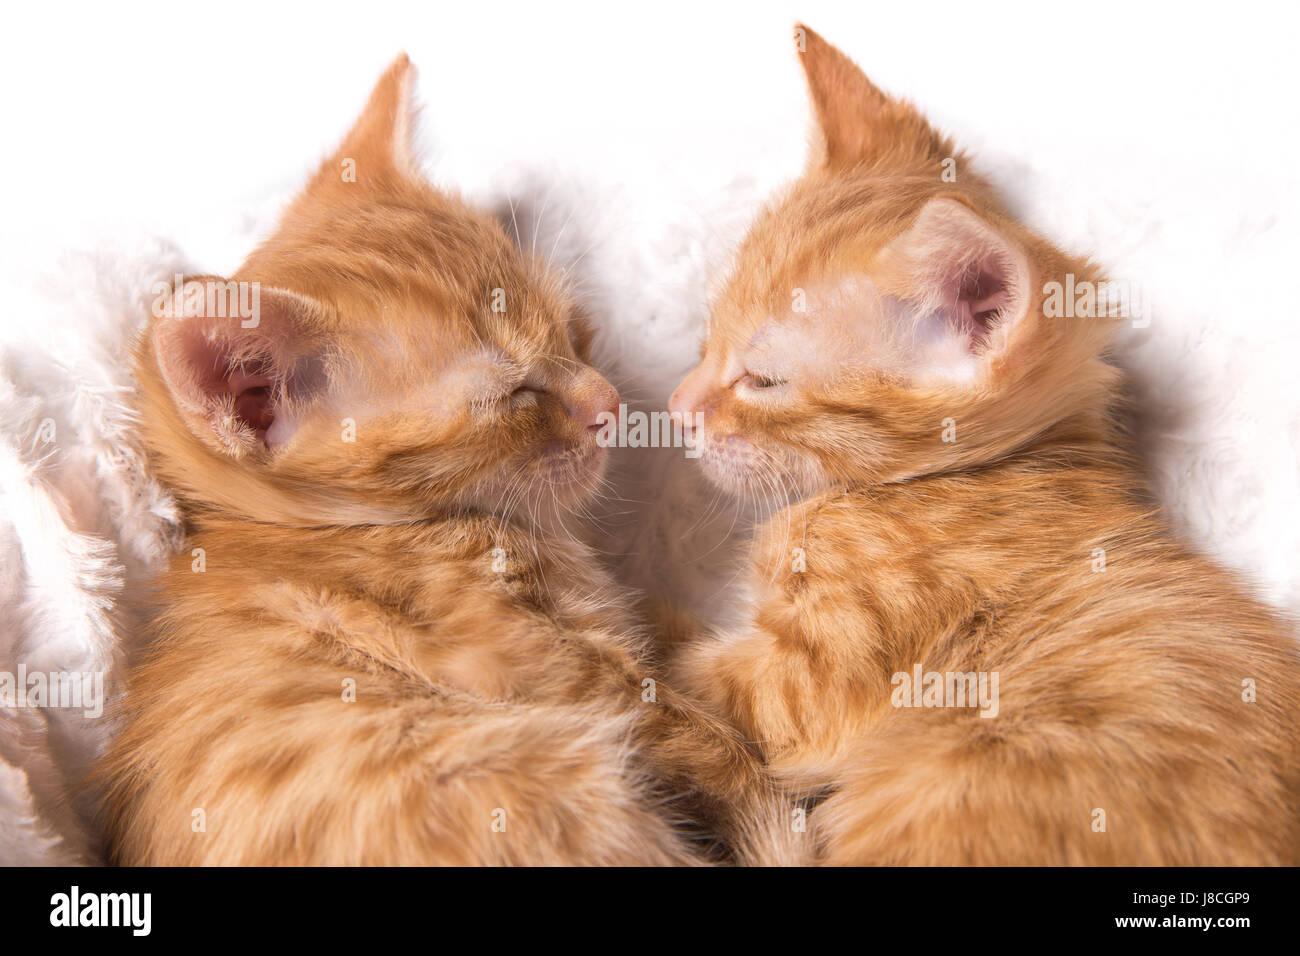 Kittens - Stock Image